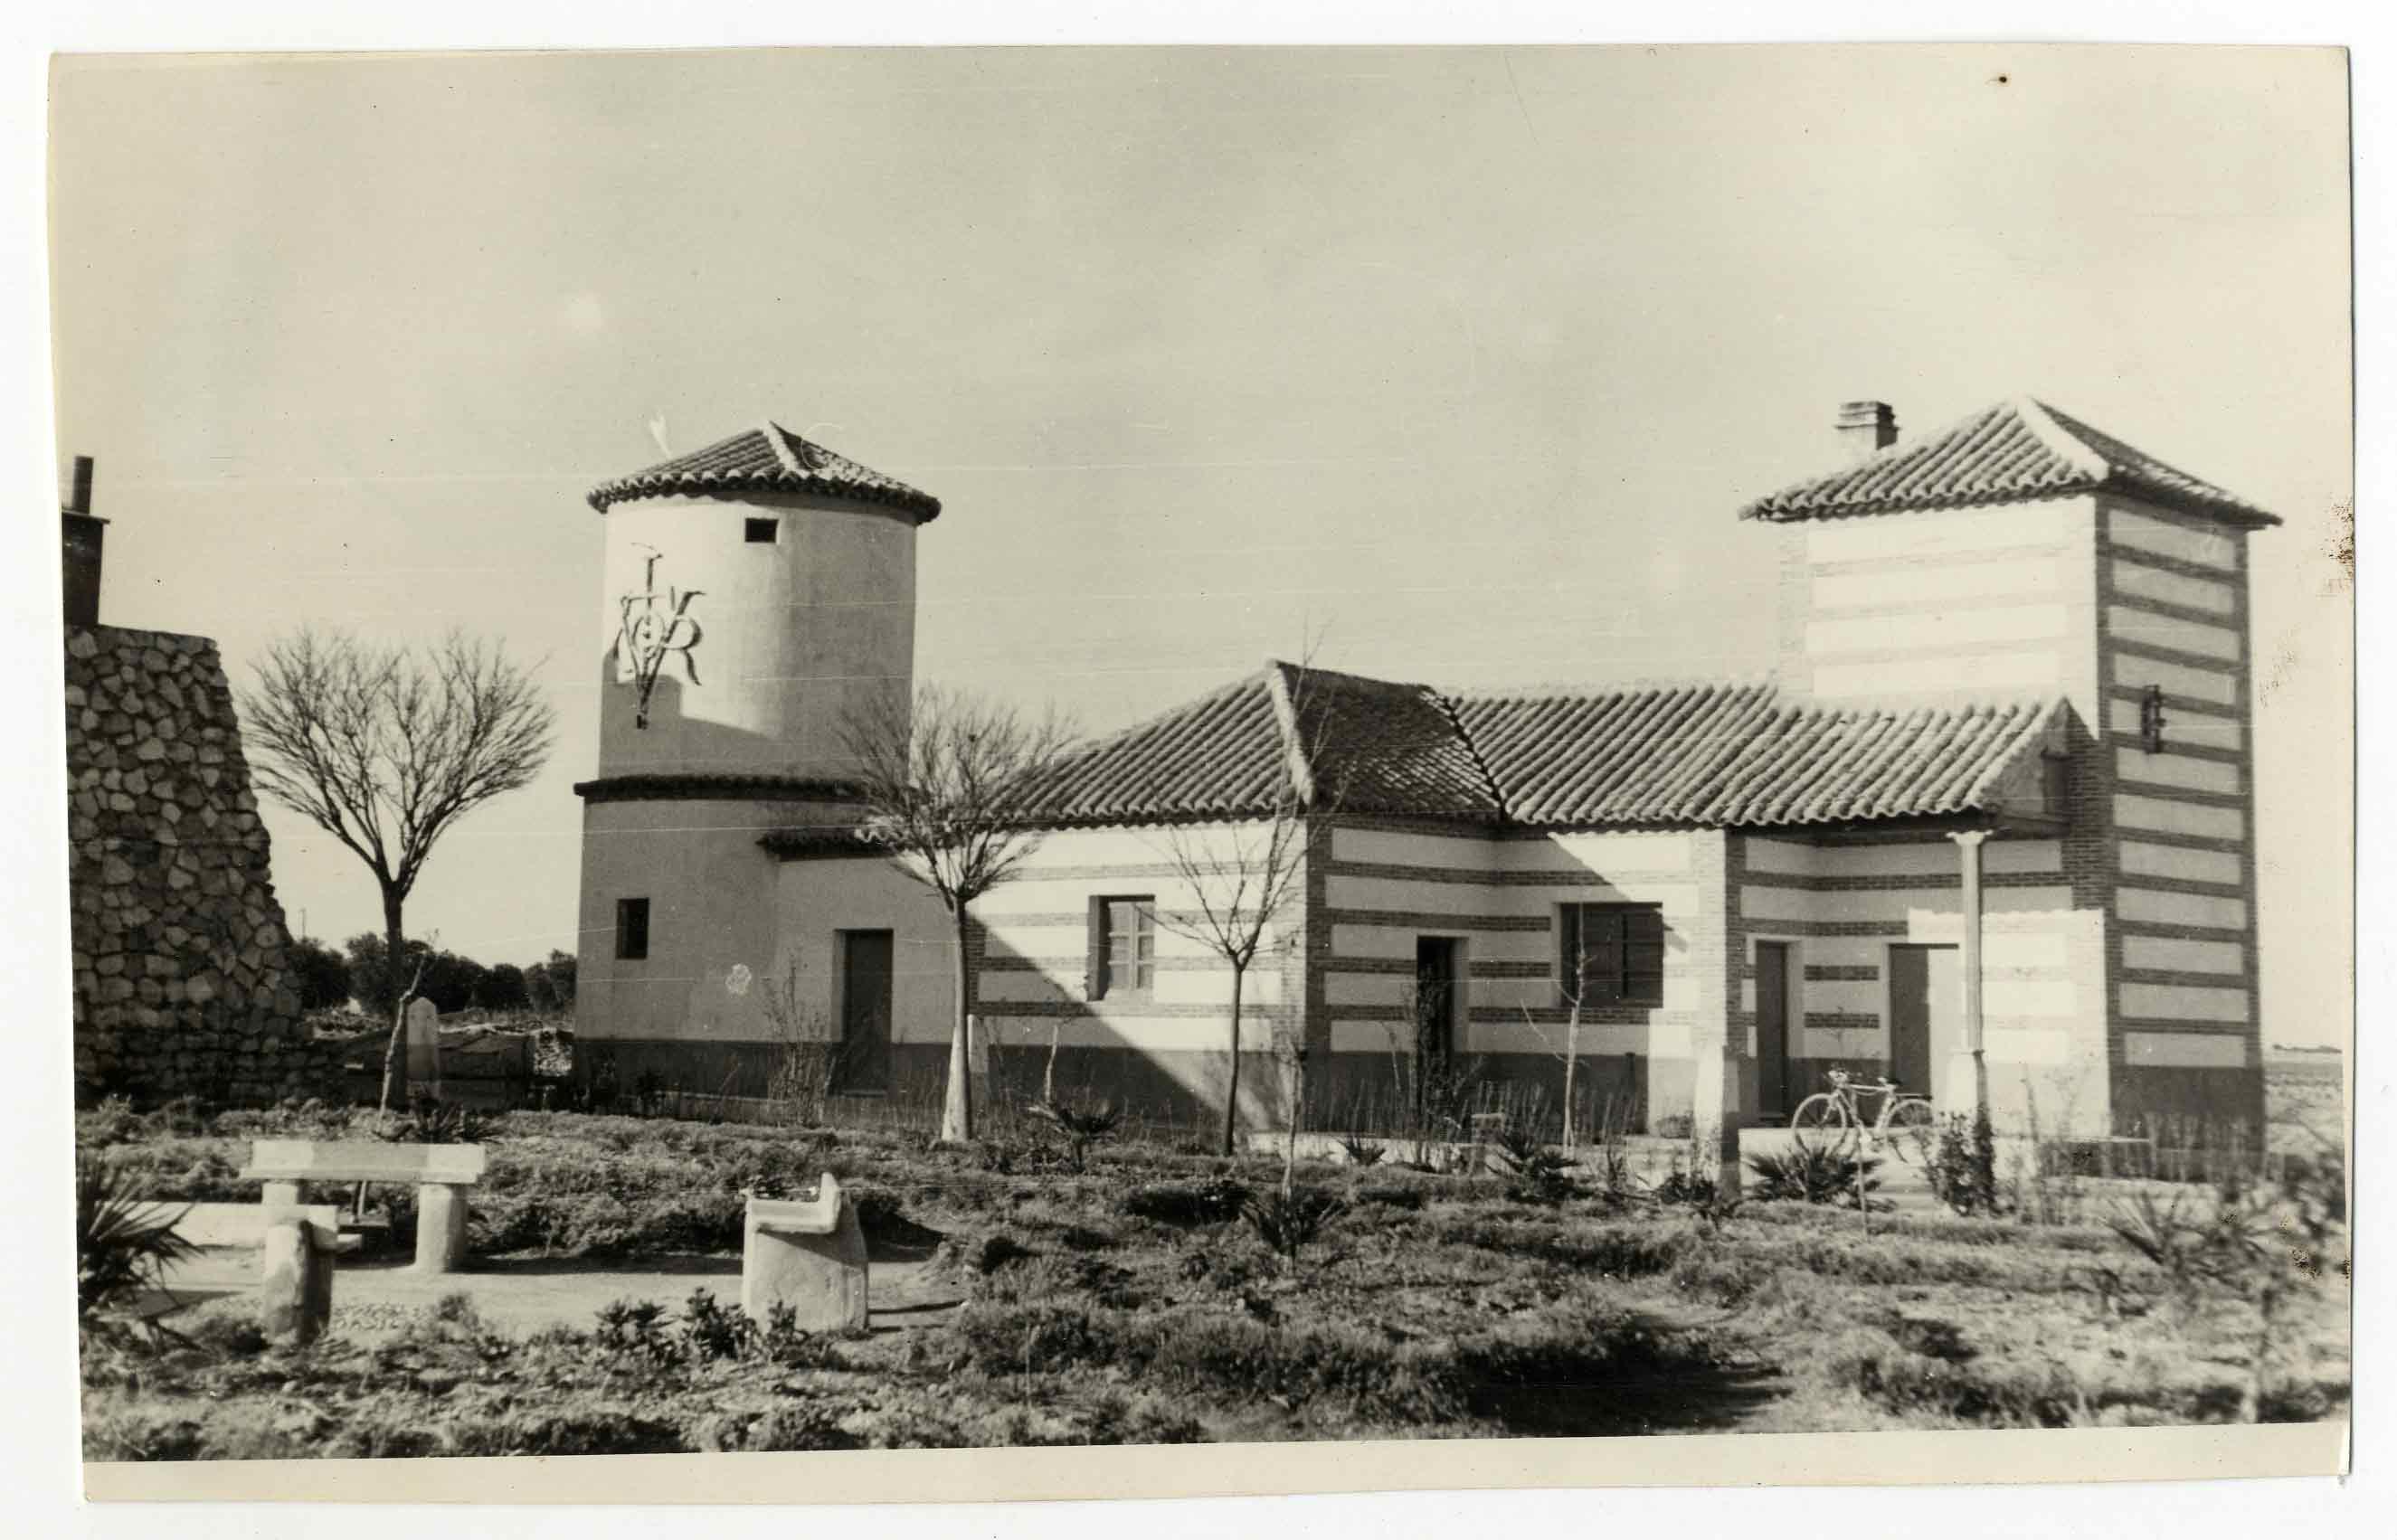 La Puebla de Almoradiel. Casa y depósito. 1961 (P-361)